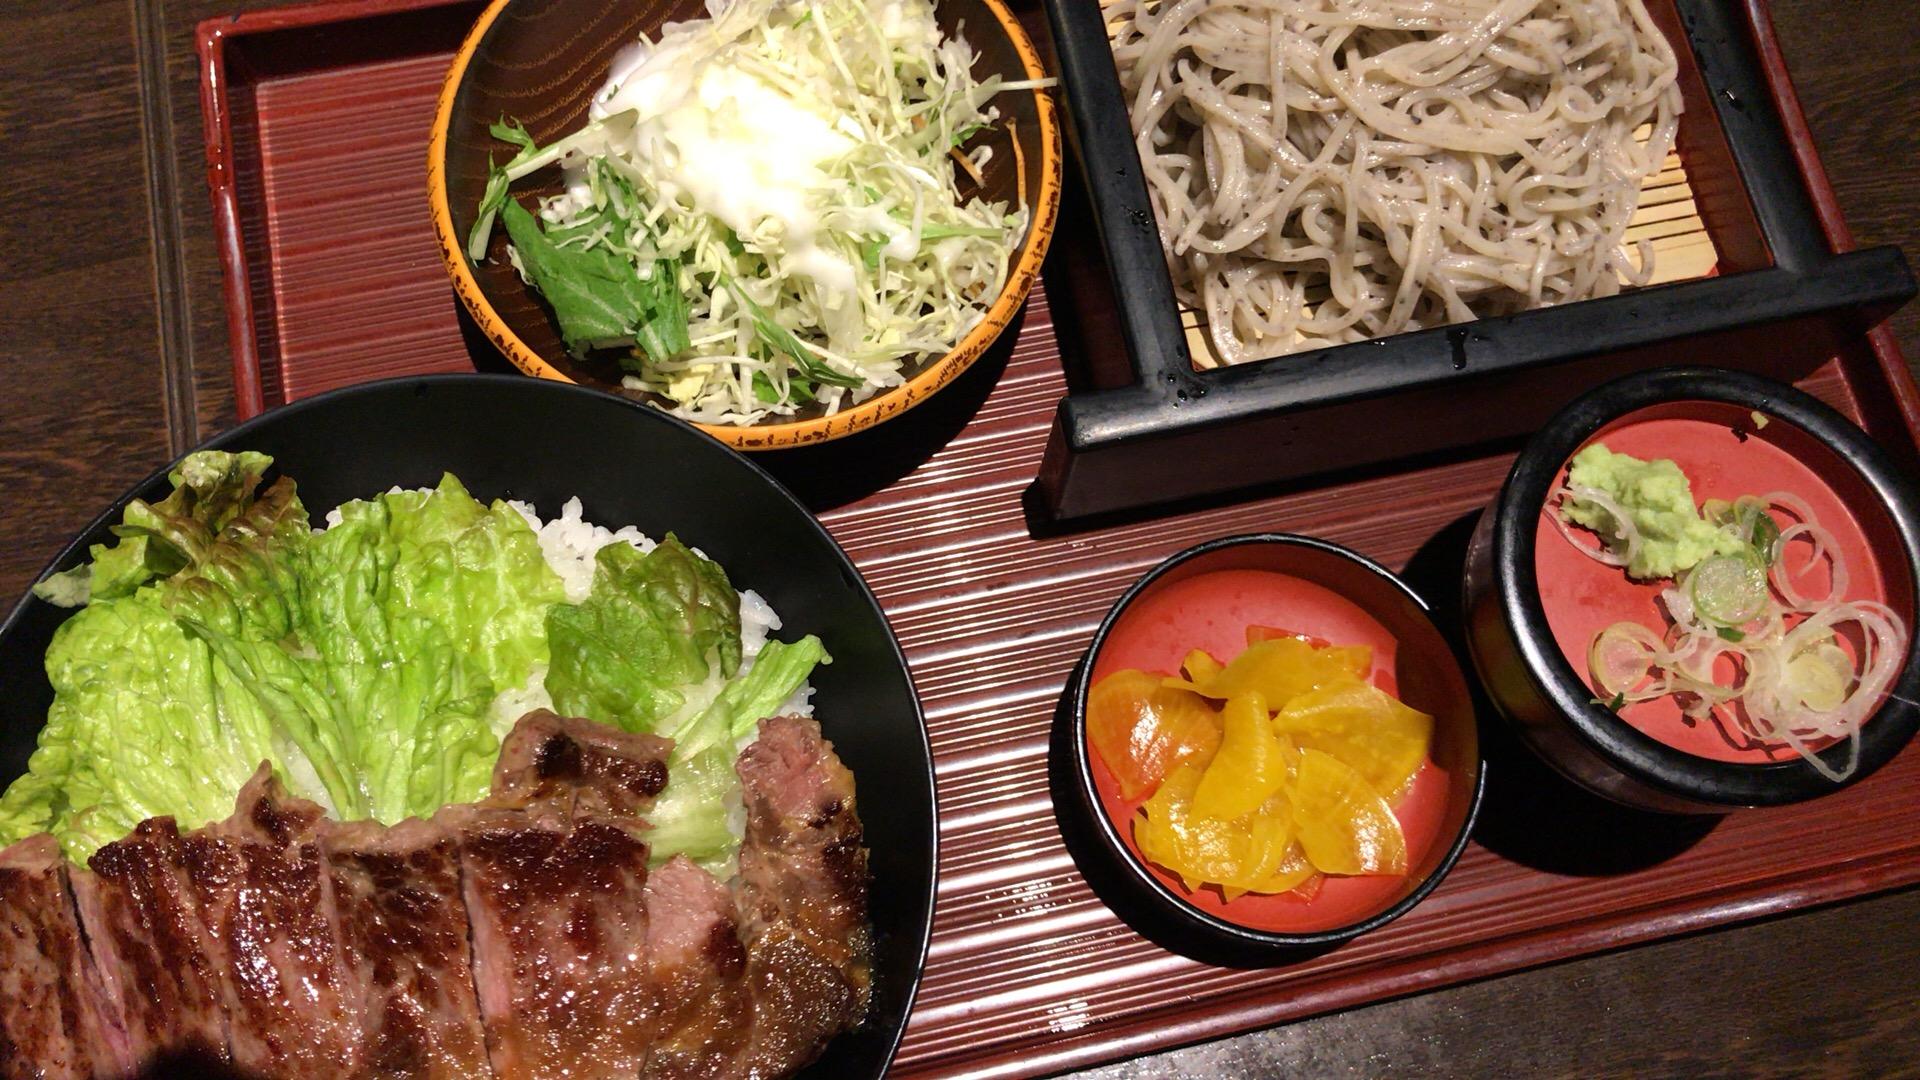 札幌・中央区 酔食居酒屋 鶏よ魚よ